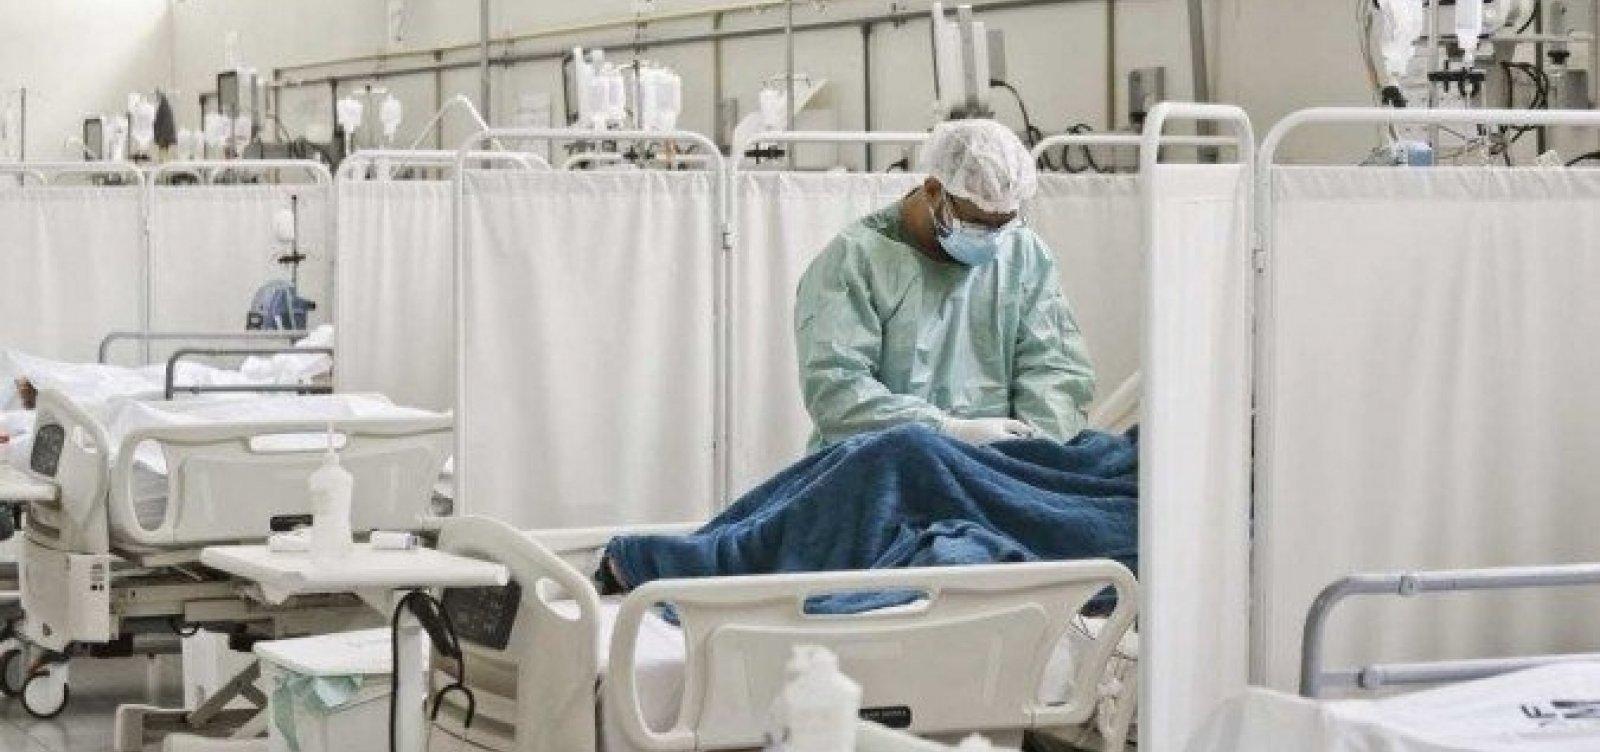 Maioria do STF referenda decisão que determina União a enviar insumos do 'kit intubação' à Bahia